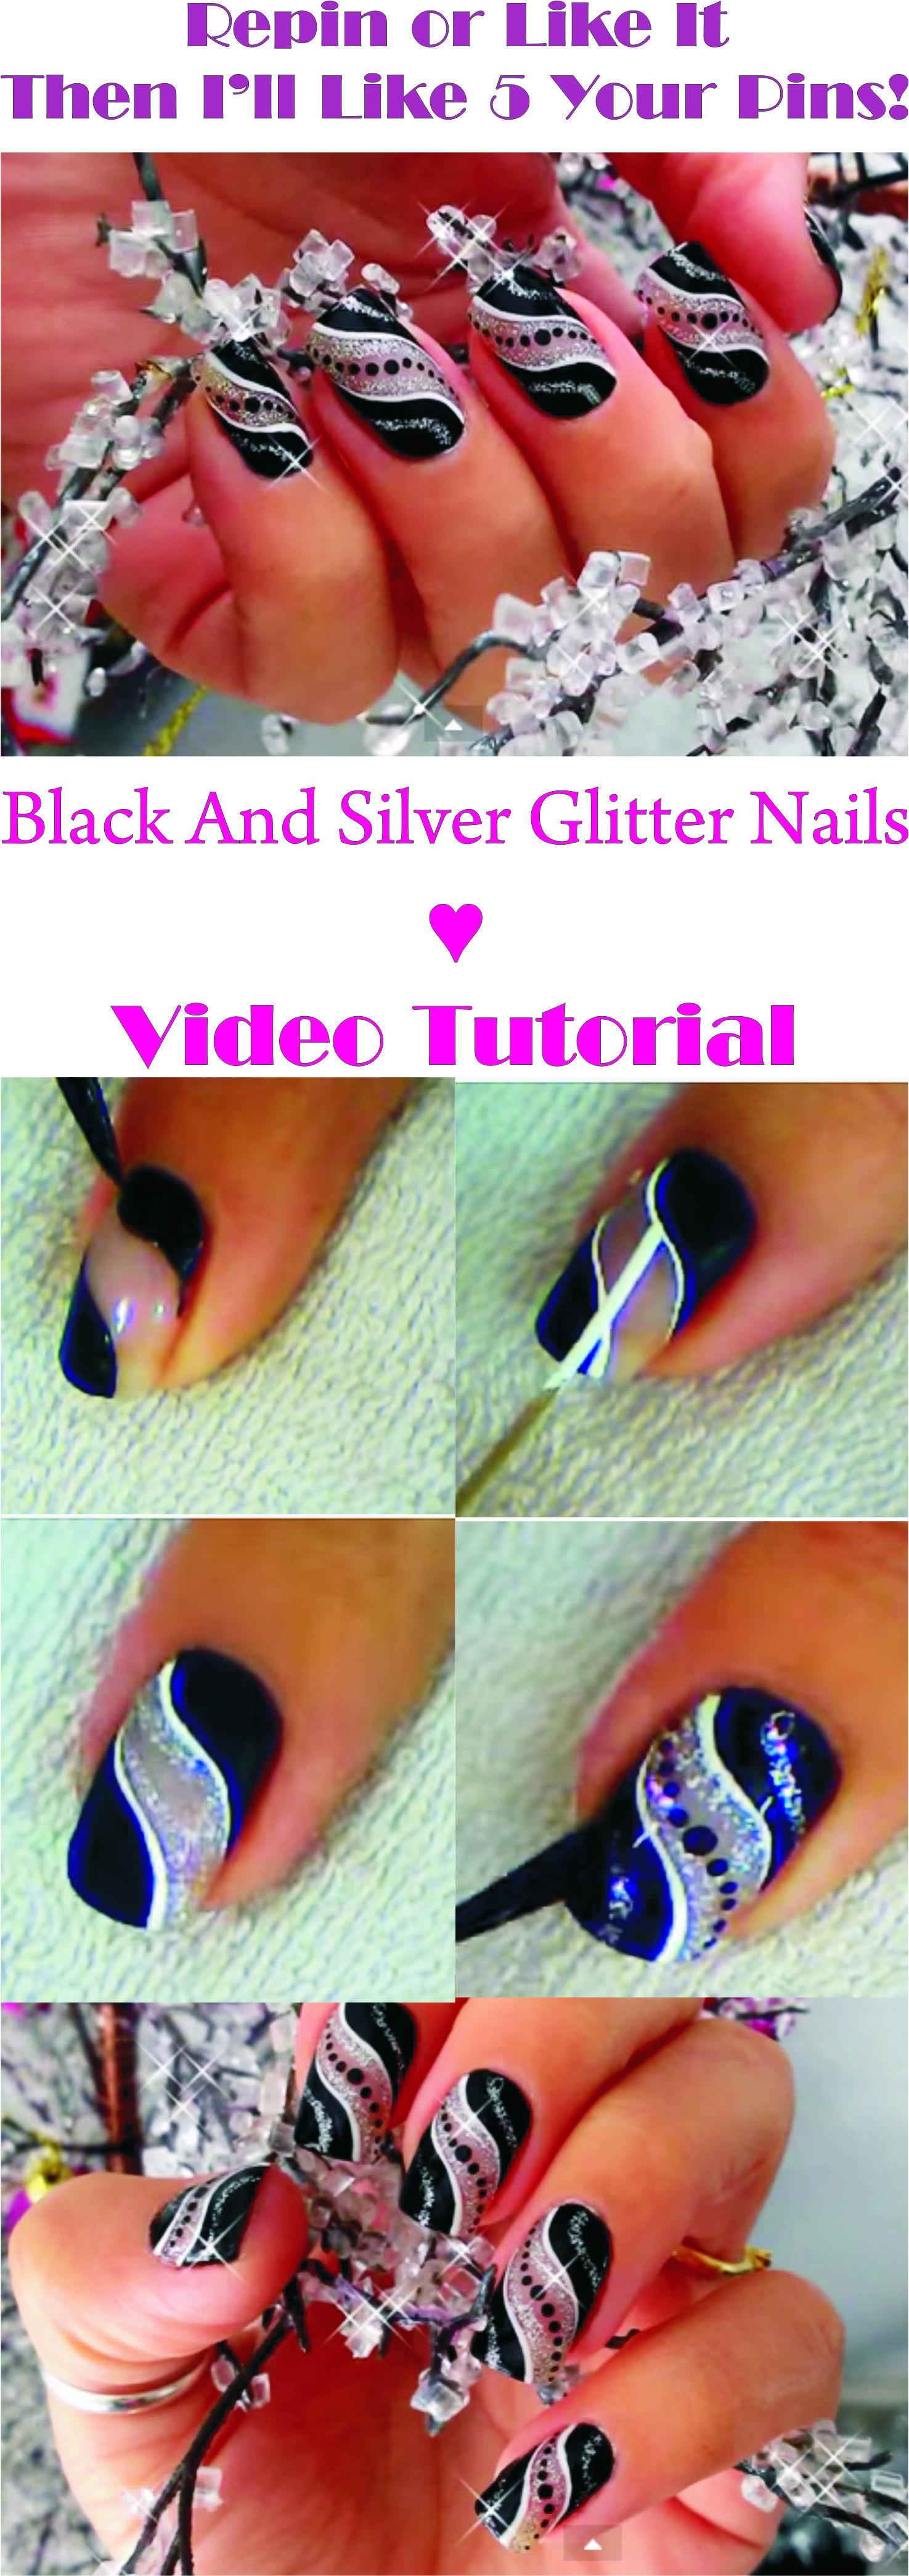 Pin de sugeidy rodriguez en uñas | Pinterest | Diseños de uñas, Arte ...